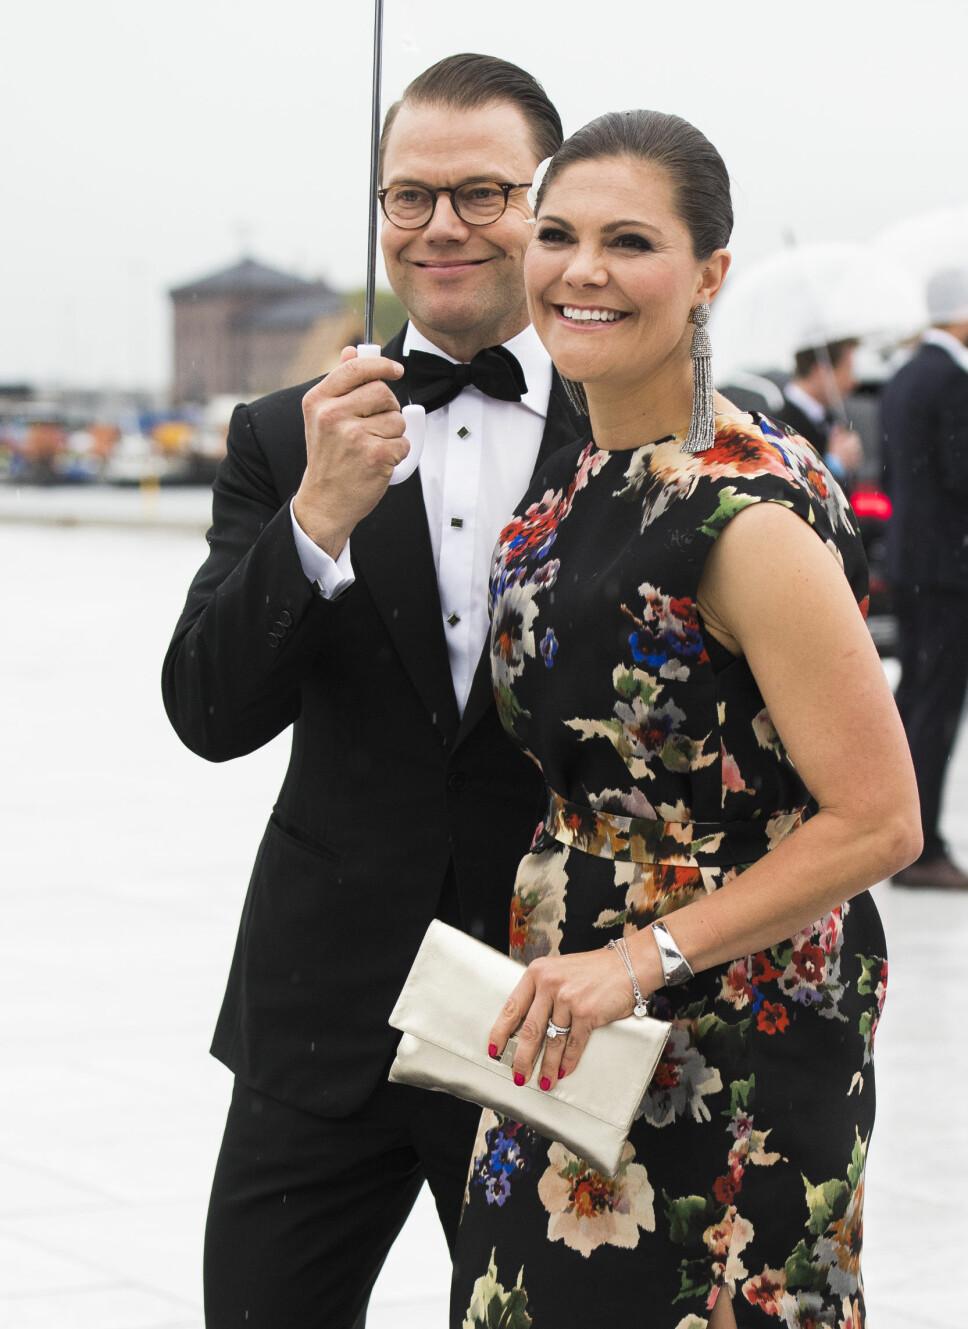 KOMMER: Prins Daniel og kronprinsesse Victoria av Sverige kommer i prinsesse Ingrid Alexandras konfirmasjon. Her er de to avbildet før festmiddagen i Operaen i anledning kongeparets 80-årsfeiring.